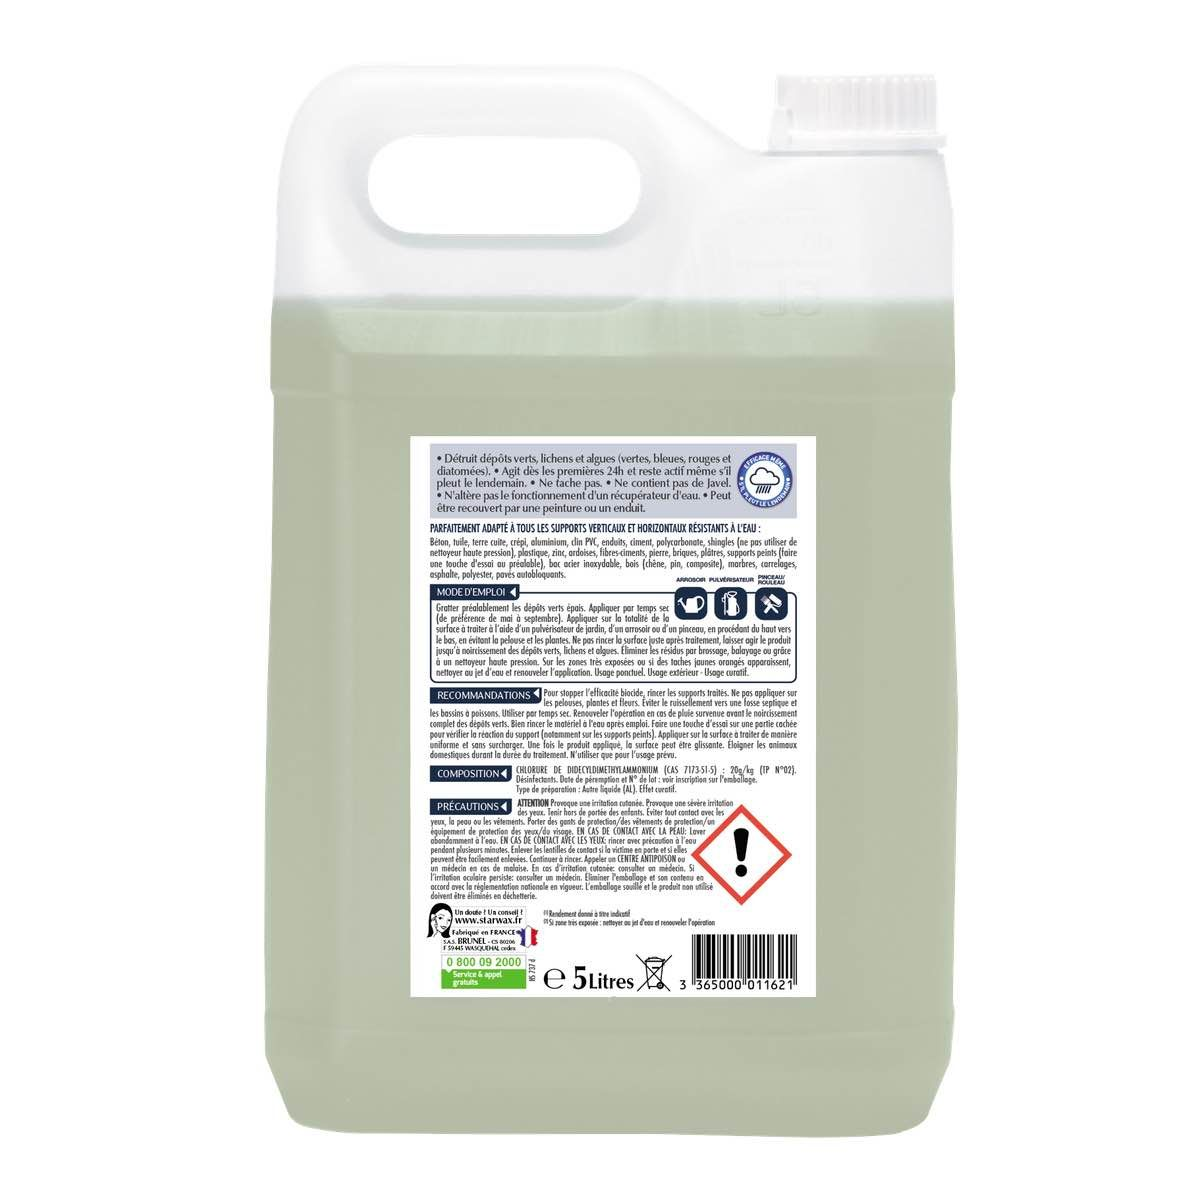 destructeur de dépôts verts   starwax, produits d'entretien maison - Produit Pour Nettoyer Les Murs Exterieurs